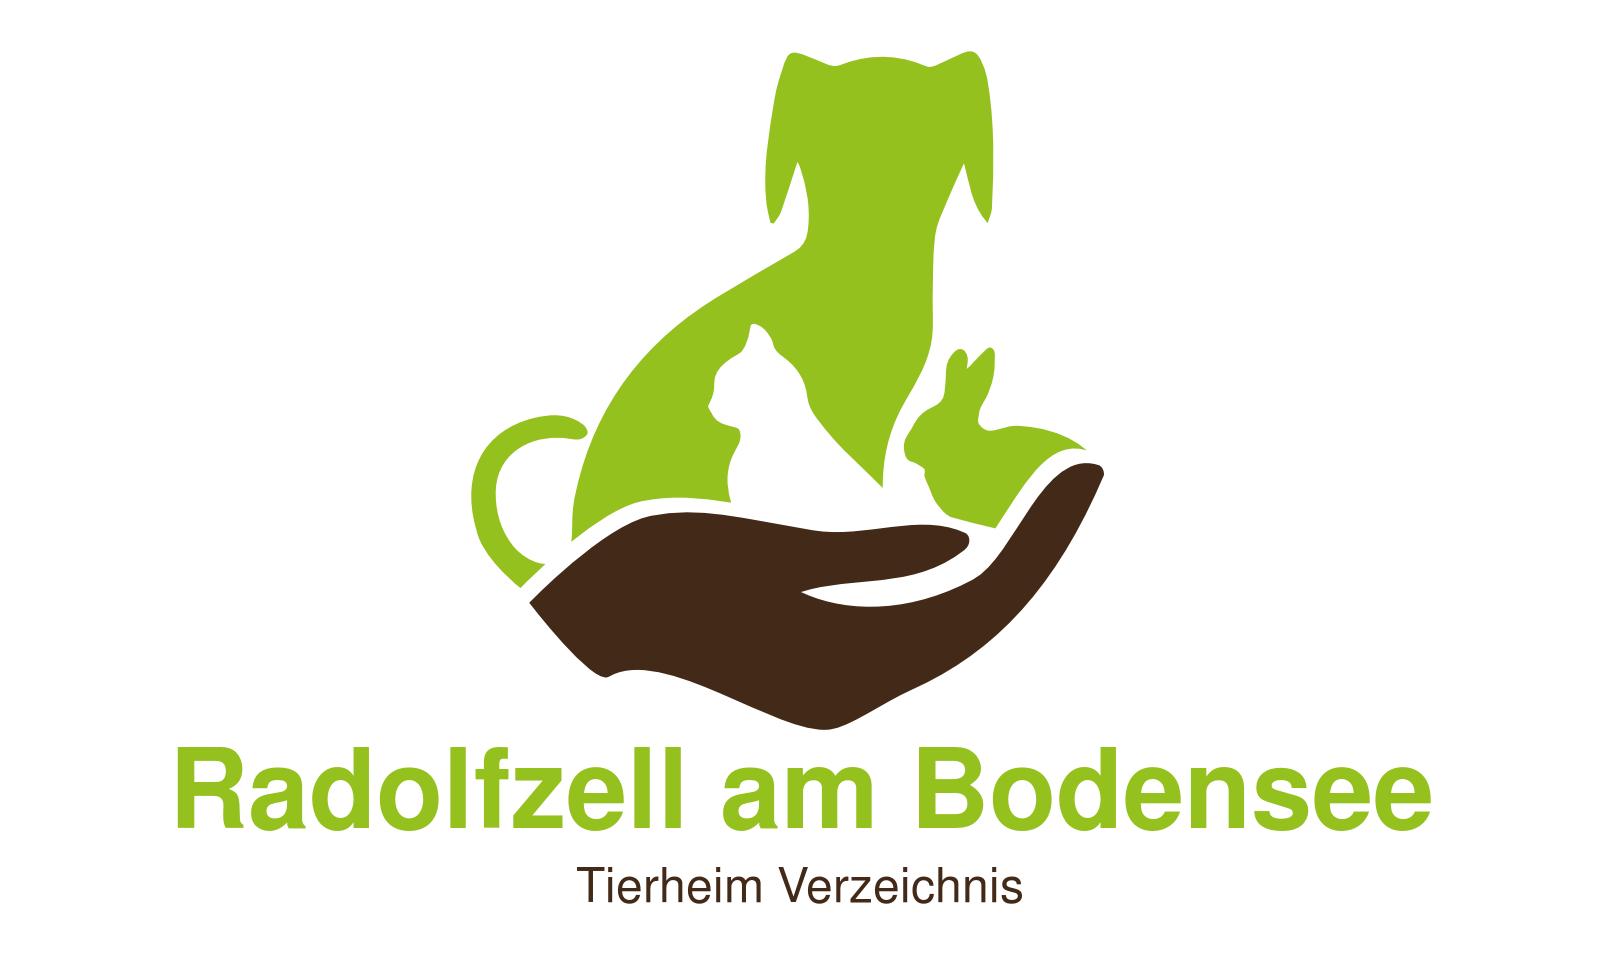 Tierheim Radolfzell am Bodensee